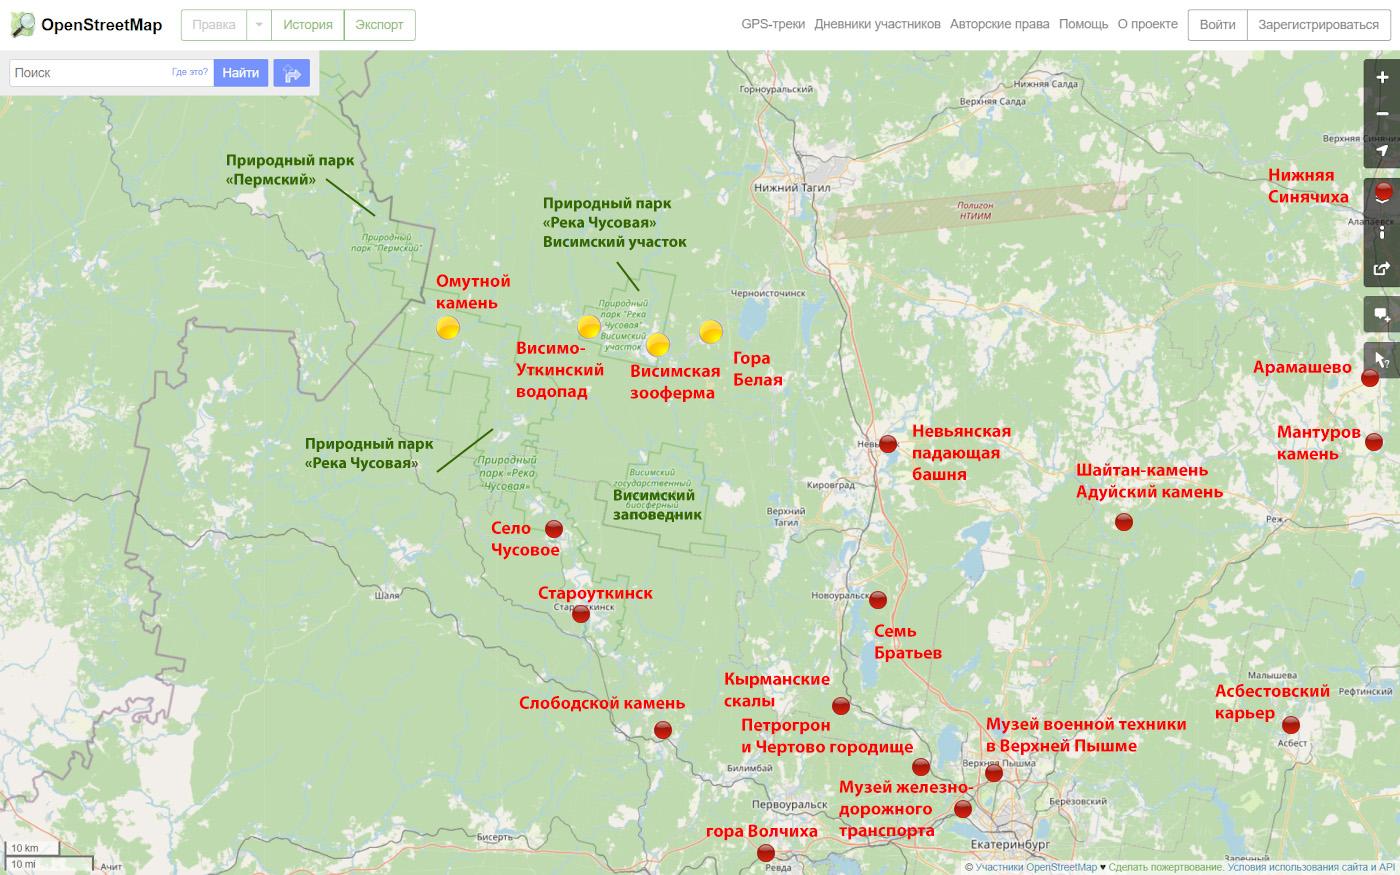 26. Карта со схемой расположения оленьей фермы, водопада и Омутного камня по отношению к другим достопримечательностям, что можно посетить на машине в Свердловской области.